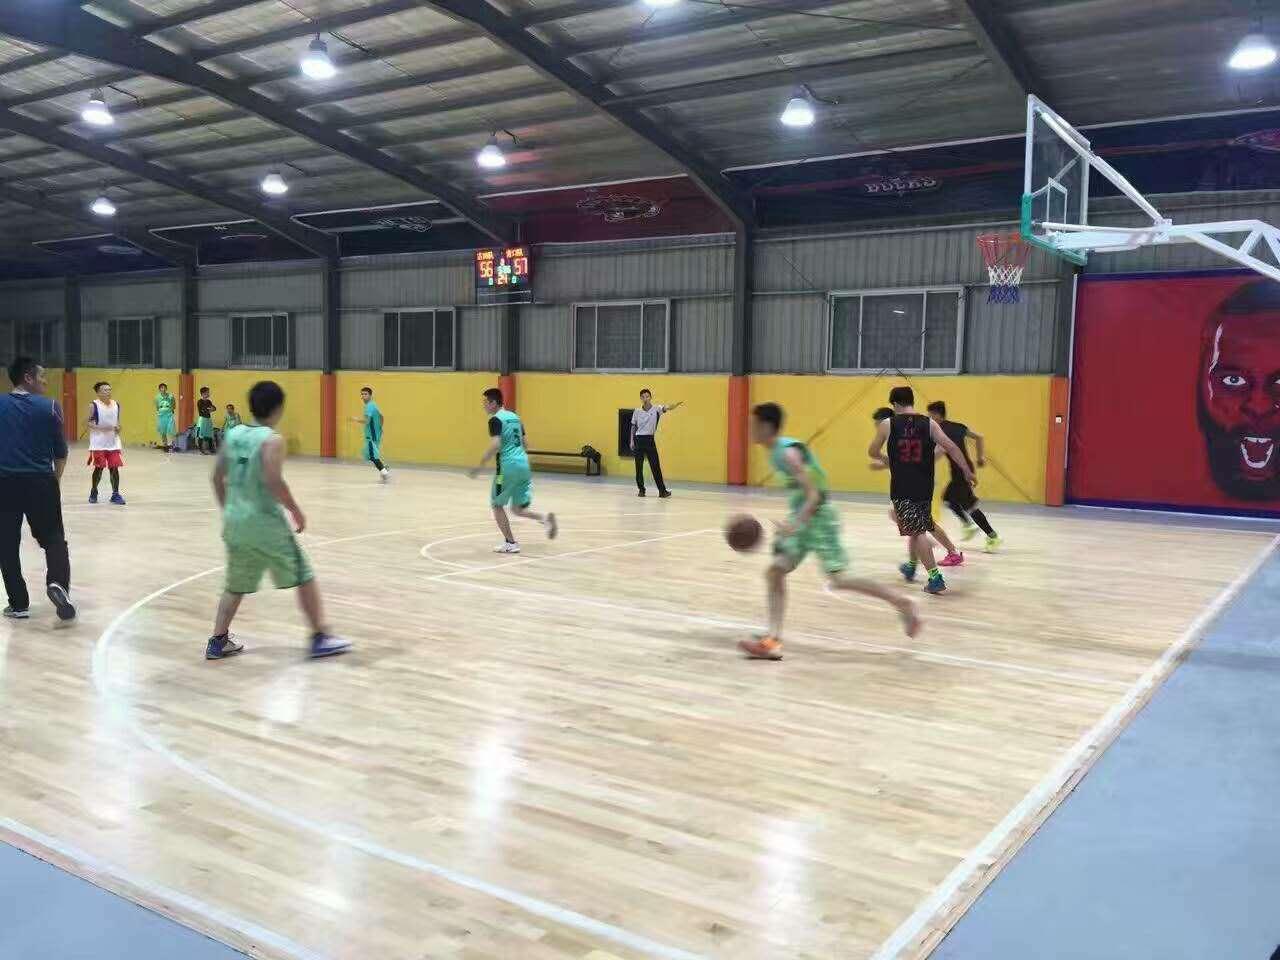 运动木地板--福州义序物流园旁荣耀篮球馆成功案例